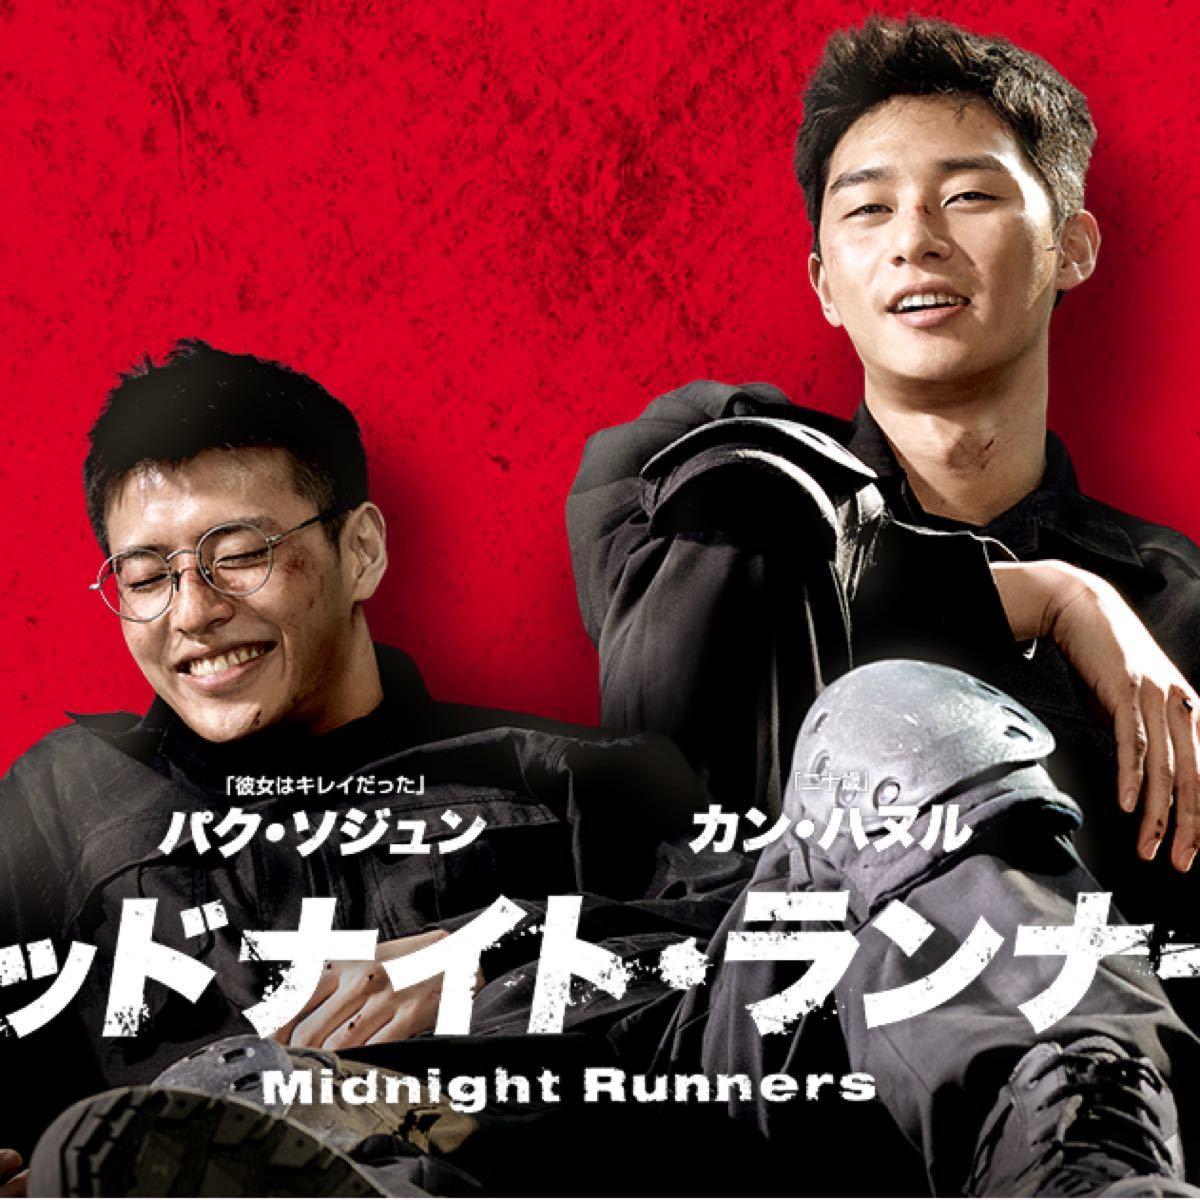 【ミッドナイトランナー】DVD 韓国ドラマ 韓流